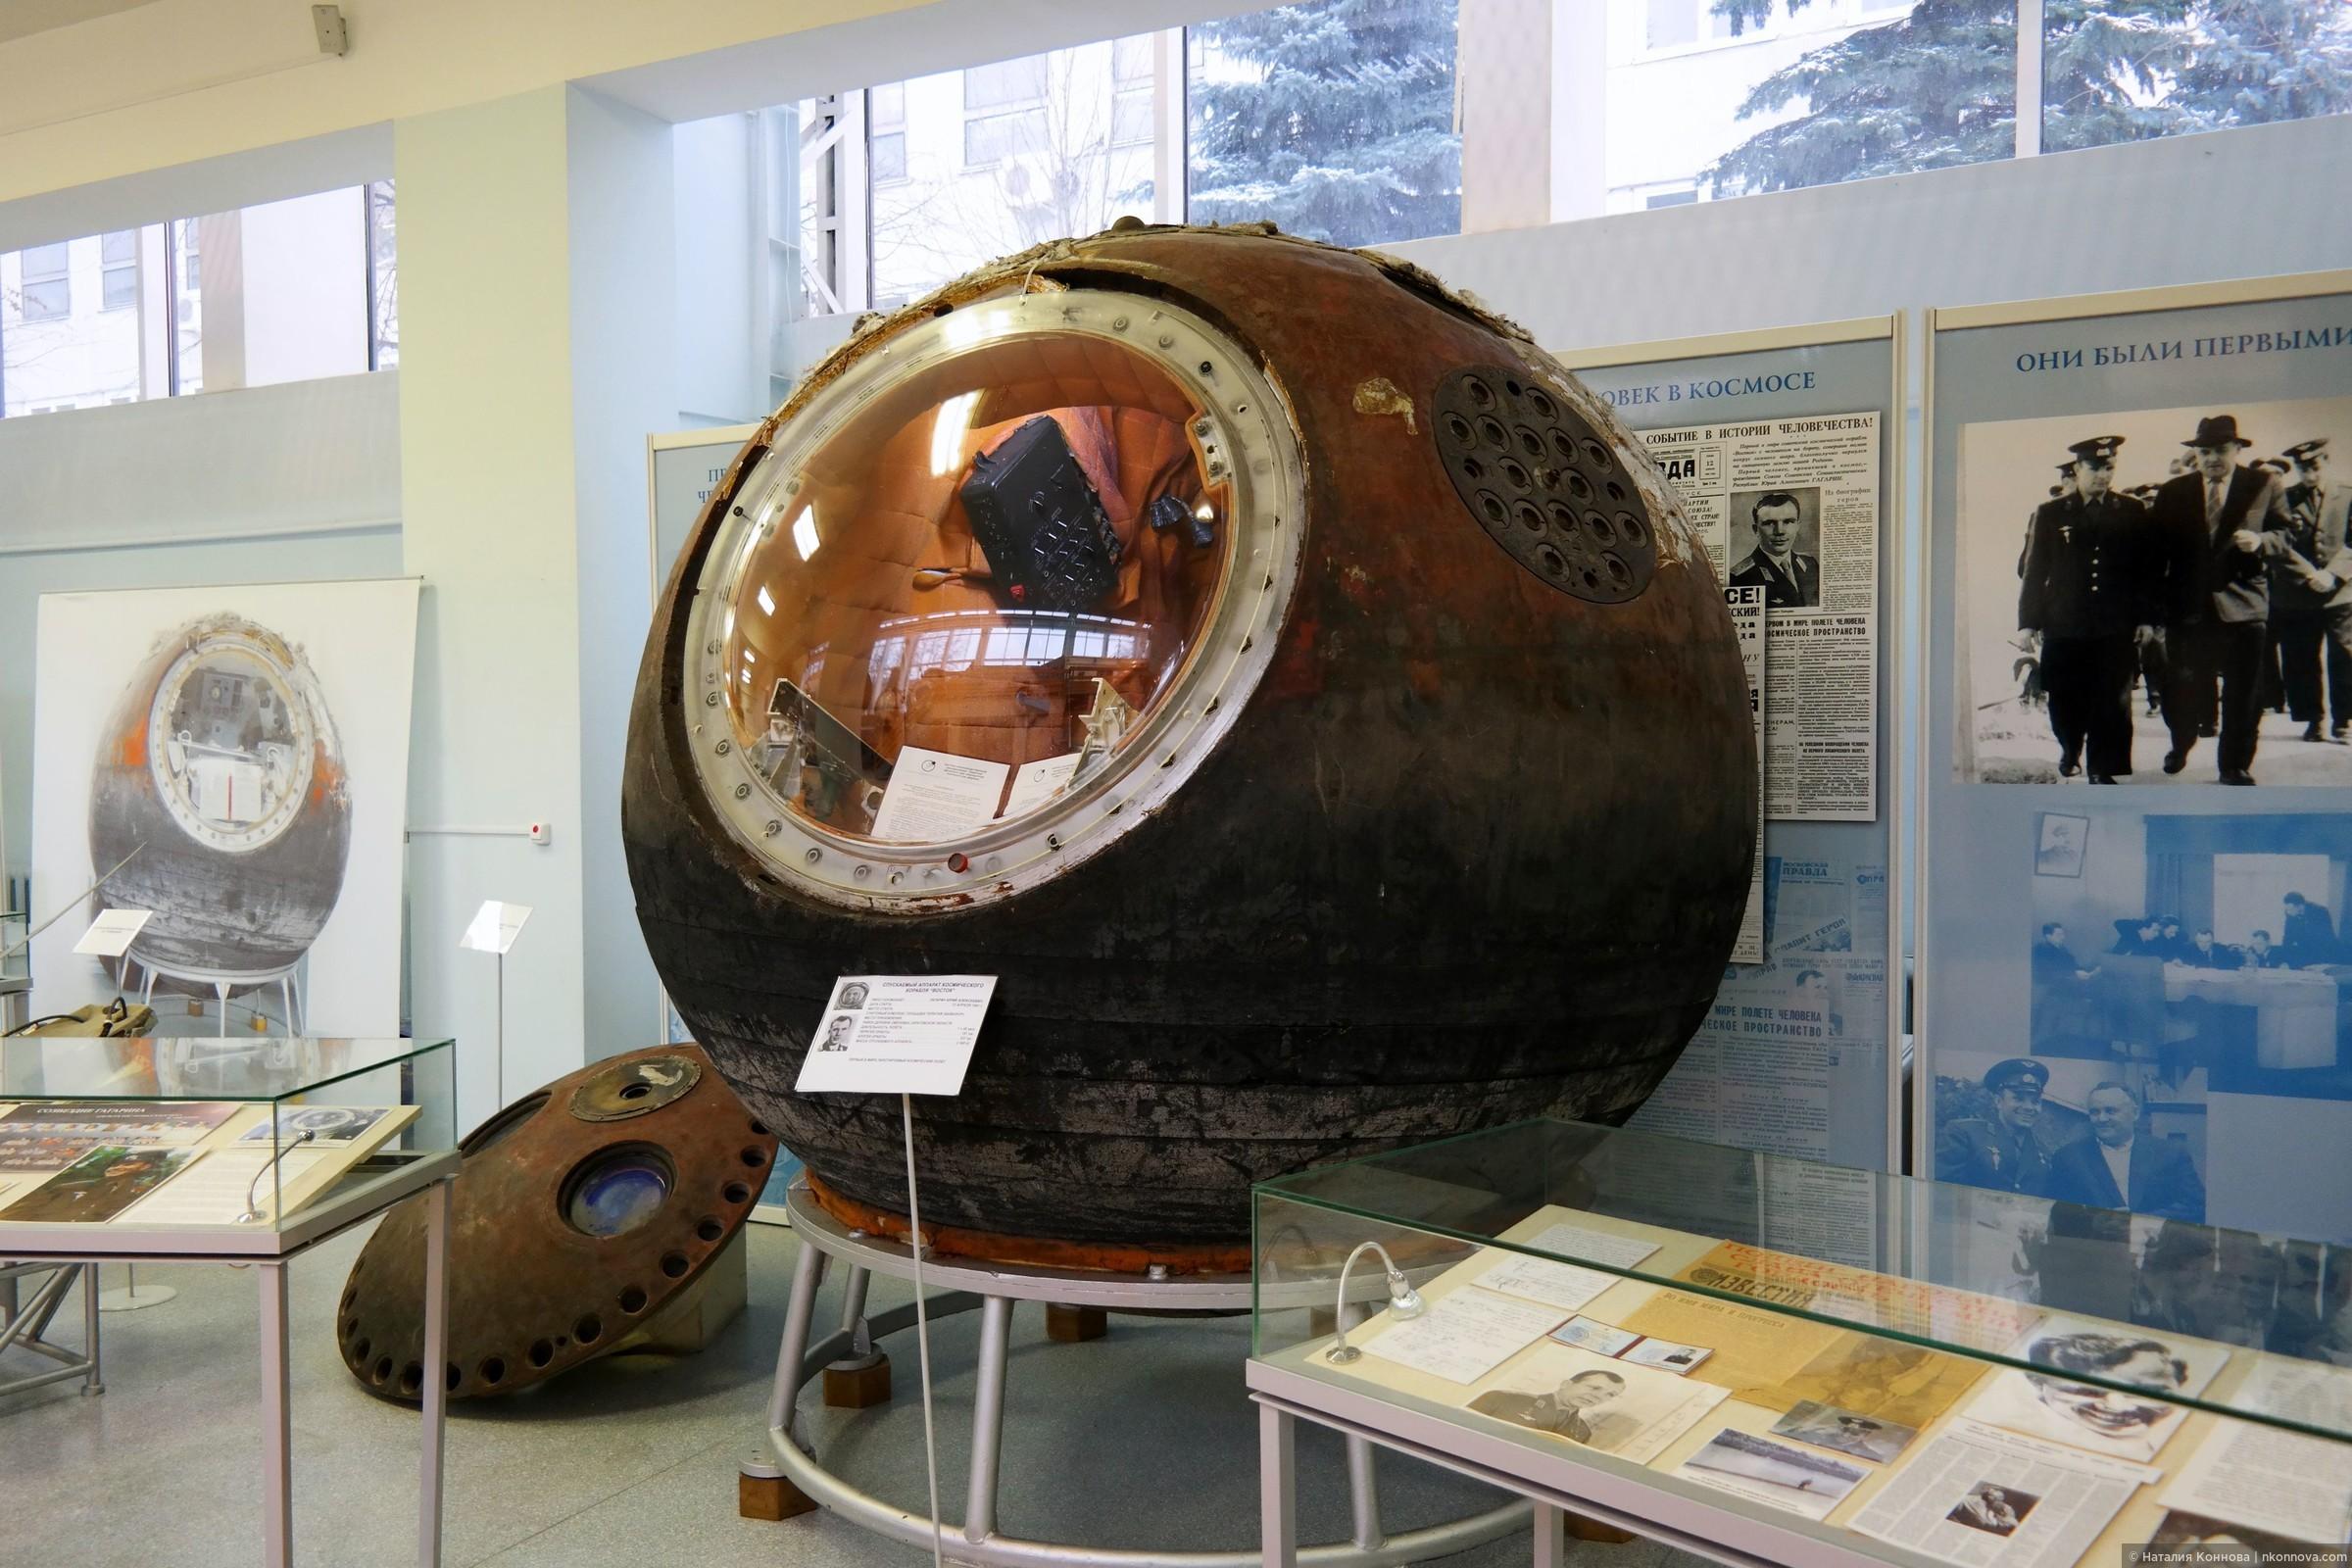 Спускаемый аппарат первого в мире космонавта Ю.А. Гагарина, Музей РКК «Энергия» им. Королева